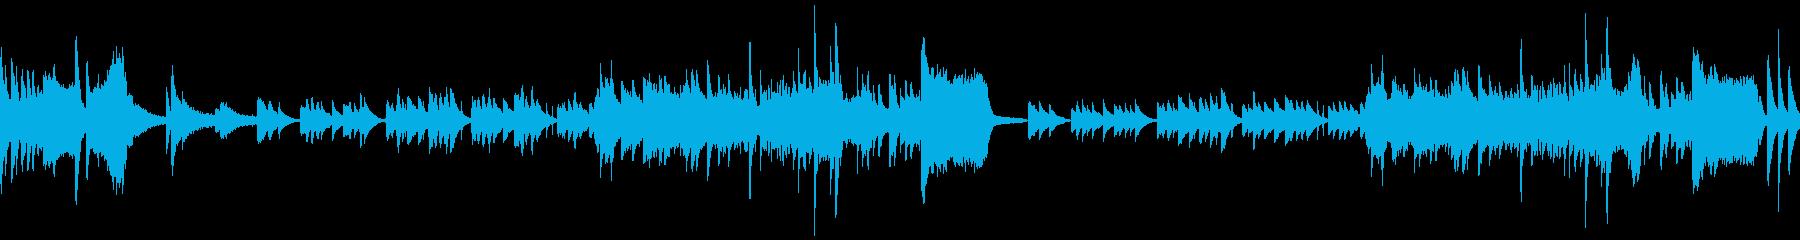 やんわりした愛のある曲です。の再生済みの波形